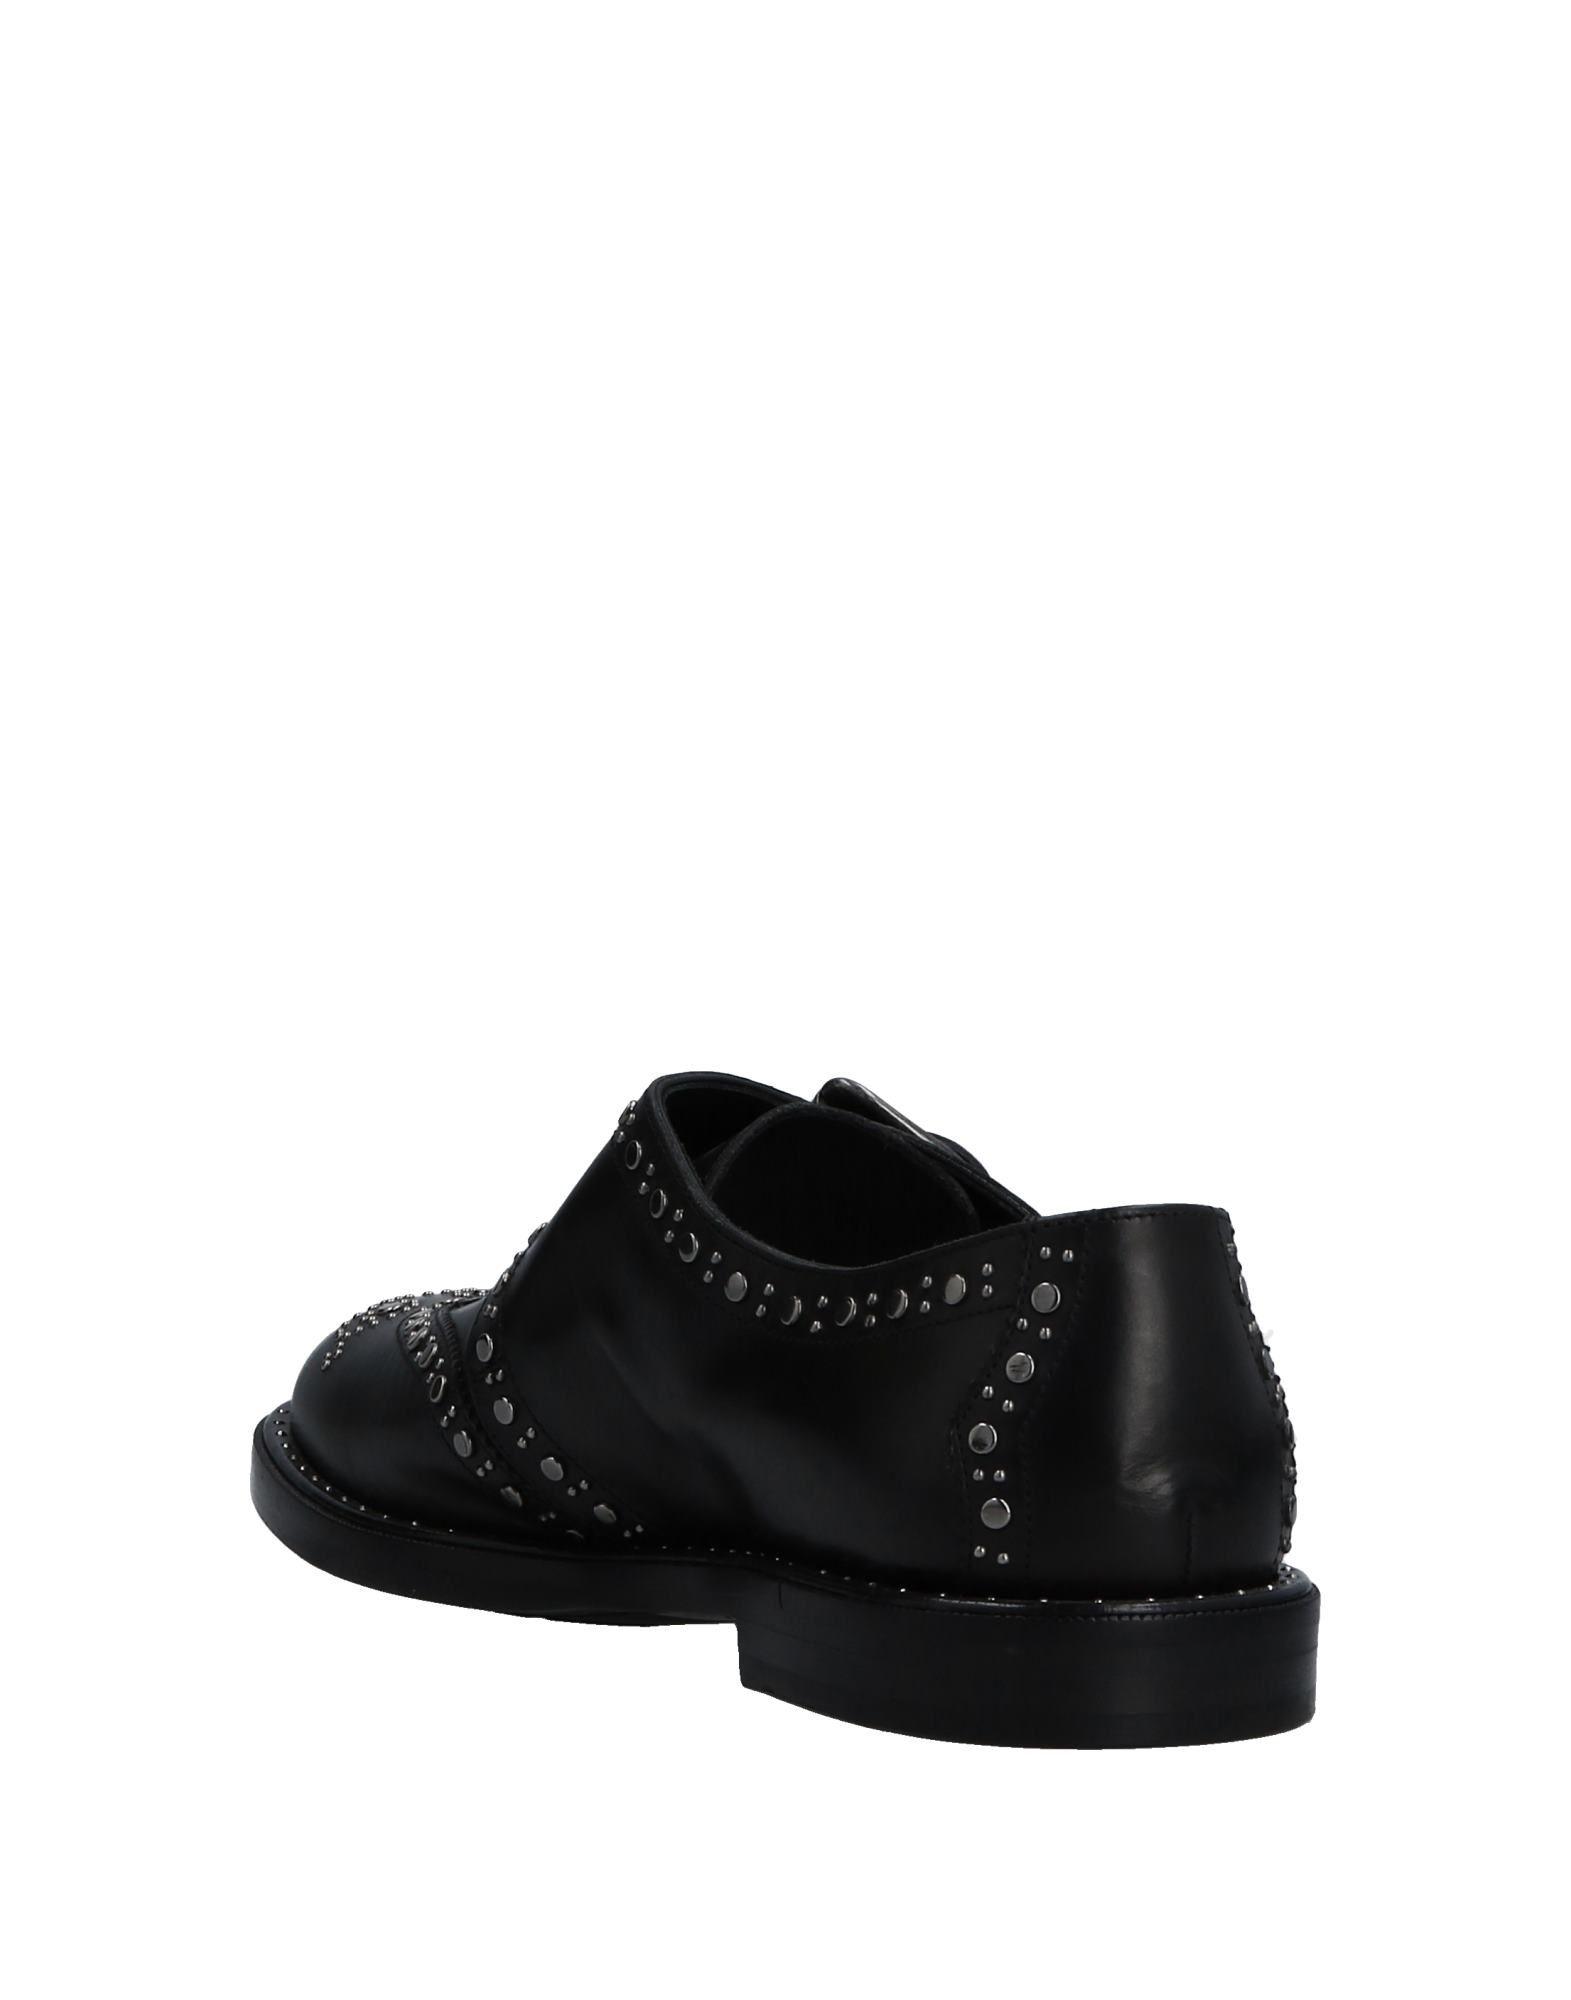 Dolce & Gabbana Mokassins Herren Herren Mokassins  11526936WL Neue Schuhe 4aa006